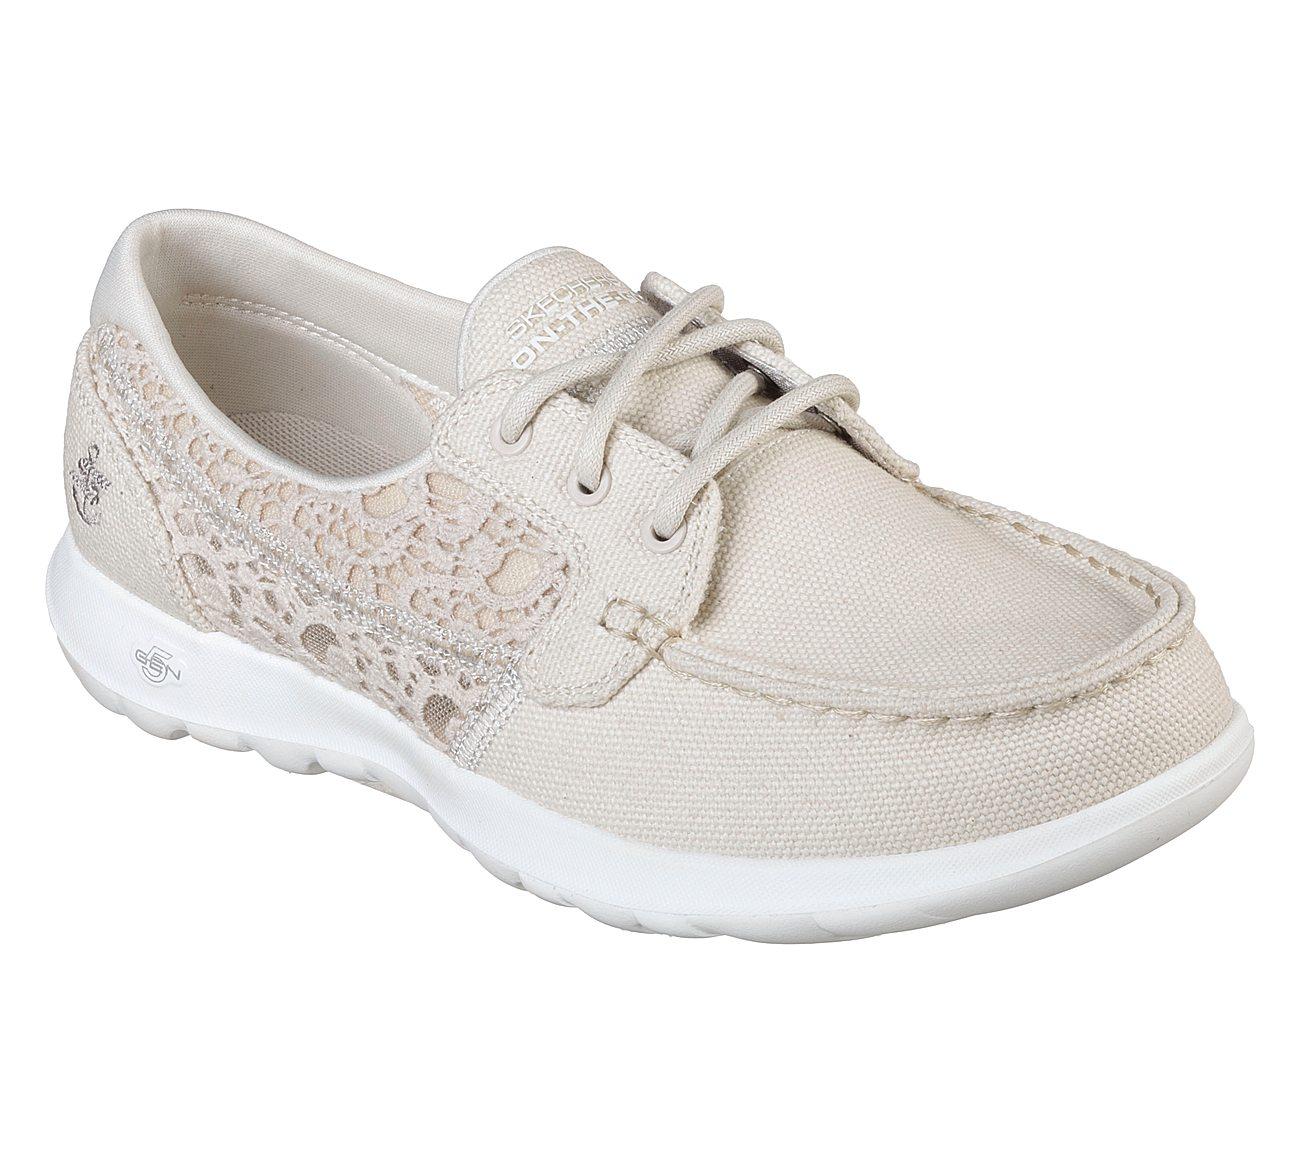 Skechers GOwalk Lite Mira Boat Shoe (Women's) xeBqNdmHN